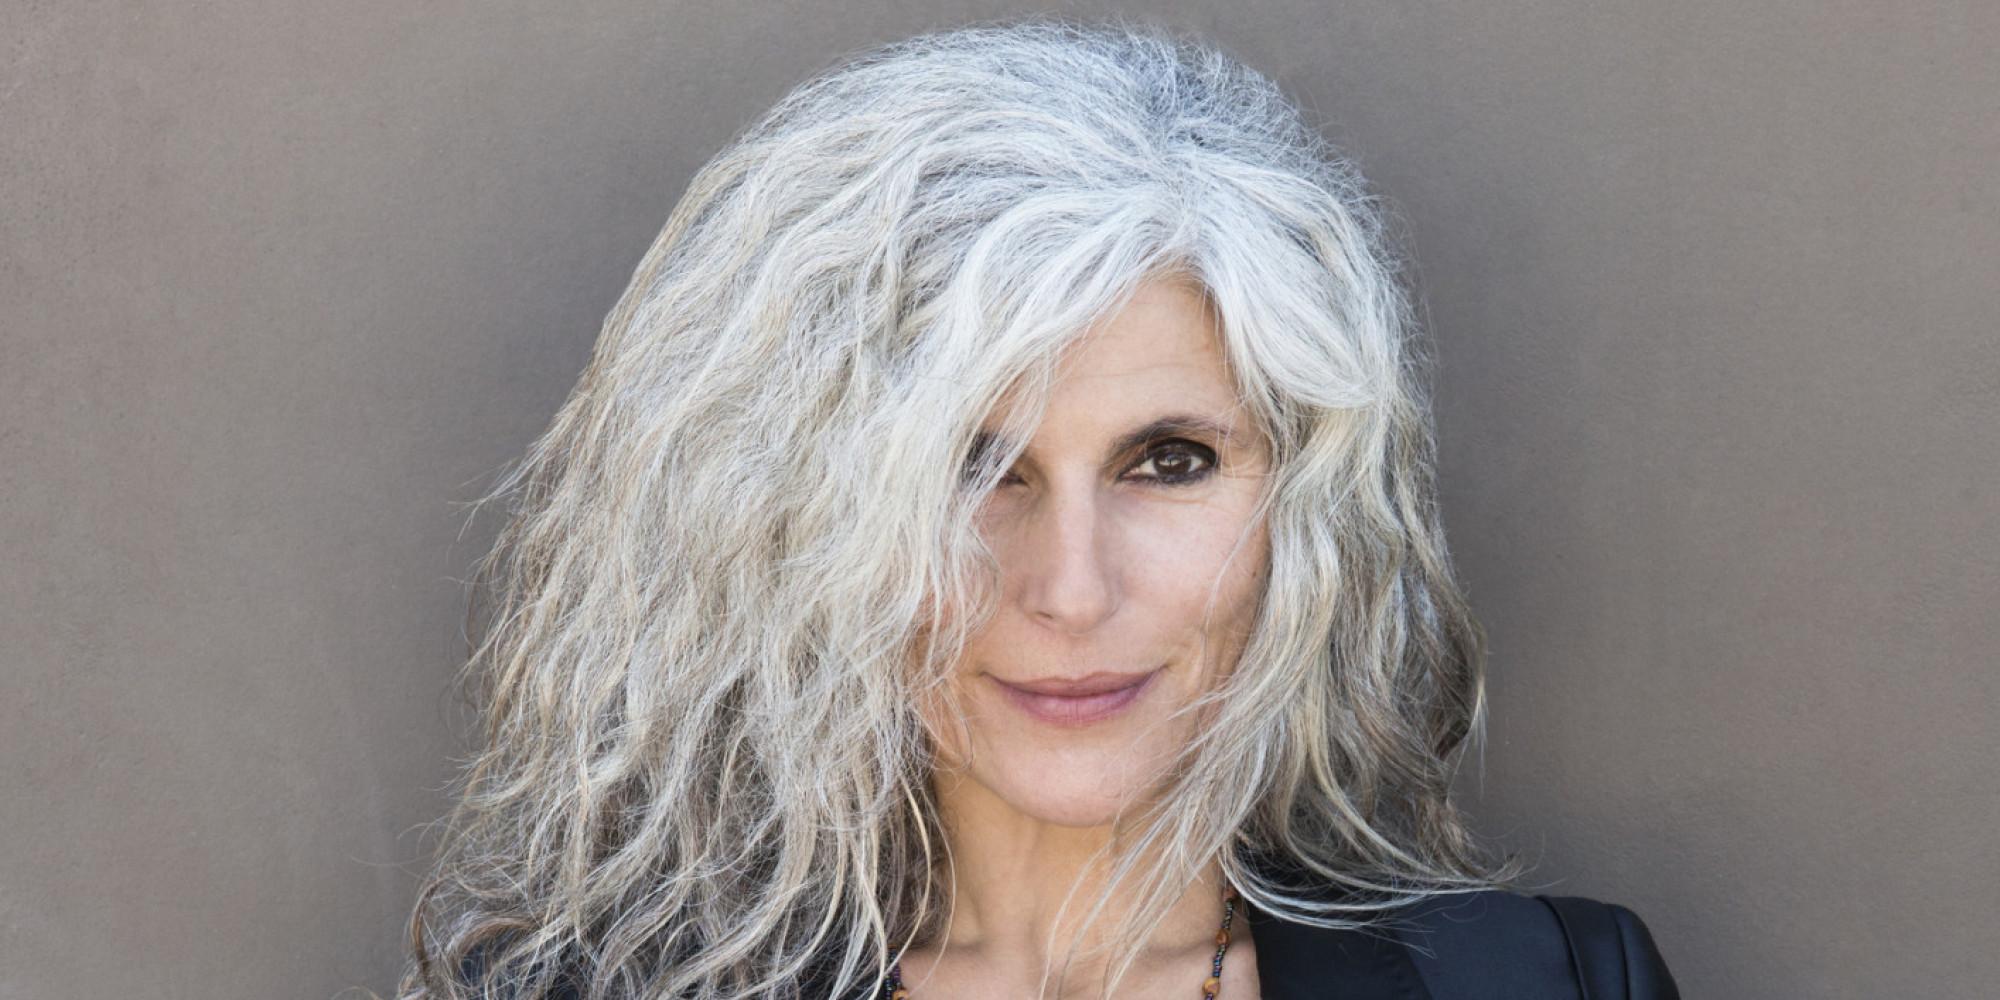 capelli grigi o-gray-hair-facebook